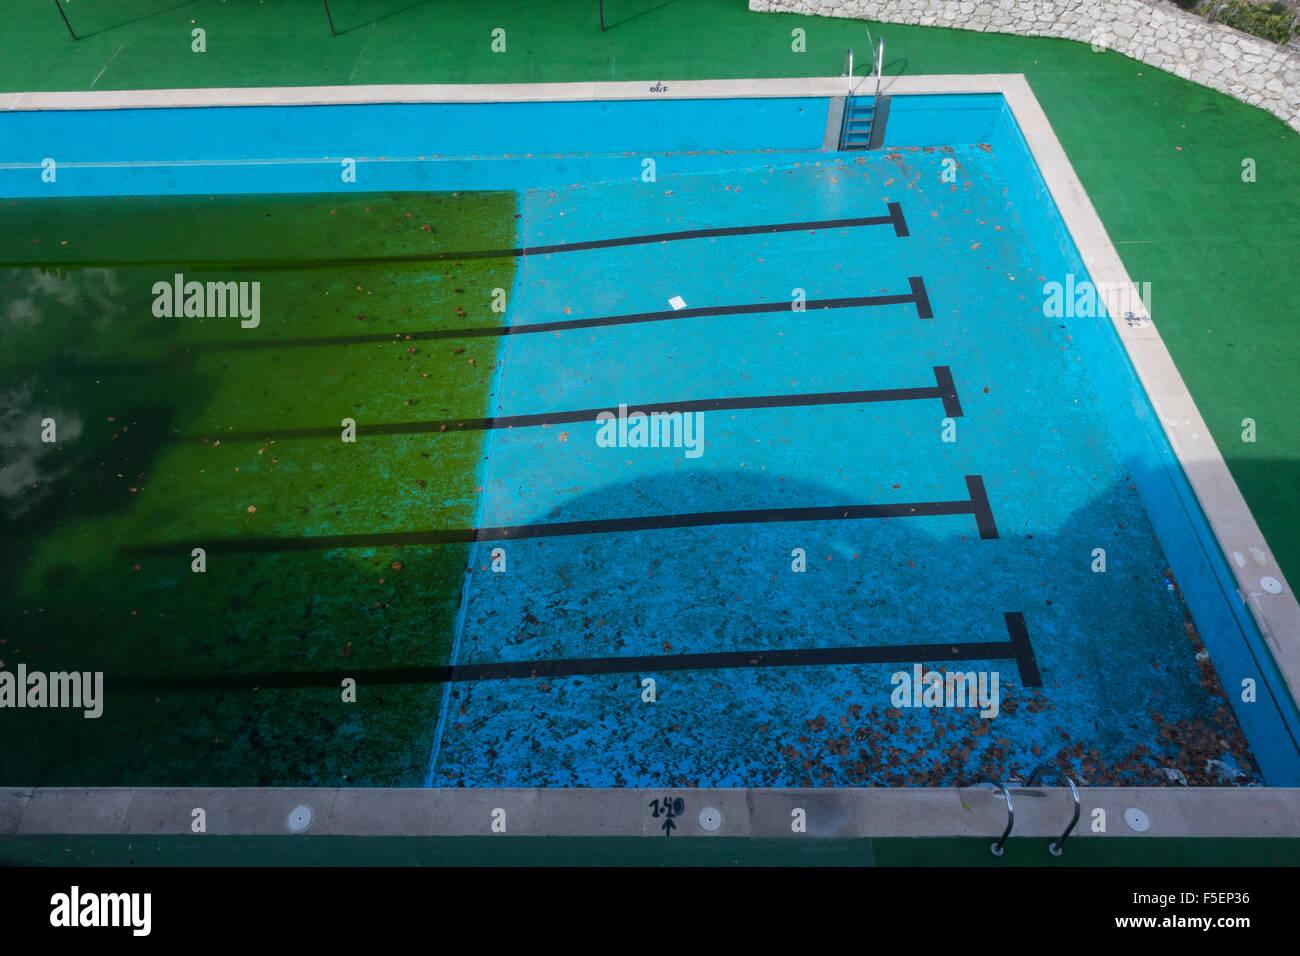 Sucio viejo abandonó la piscina pública lleno hasta la mitad con algas verdes debido al agua estancada Imagen De Stock